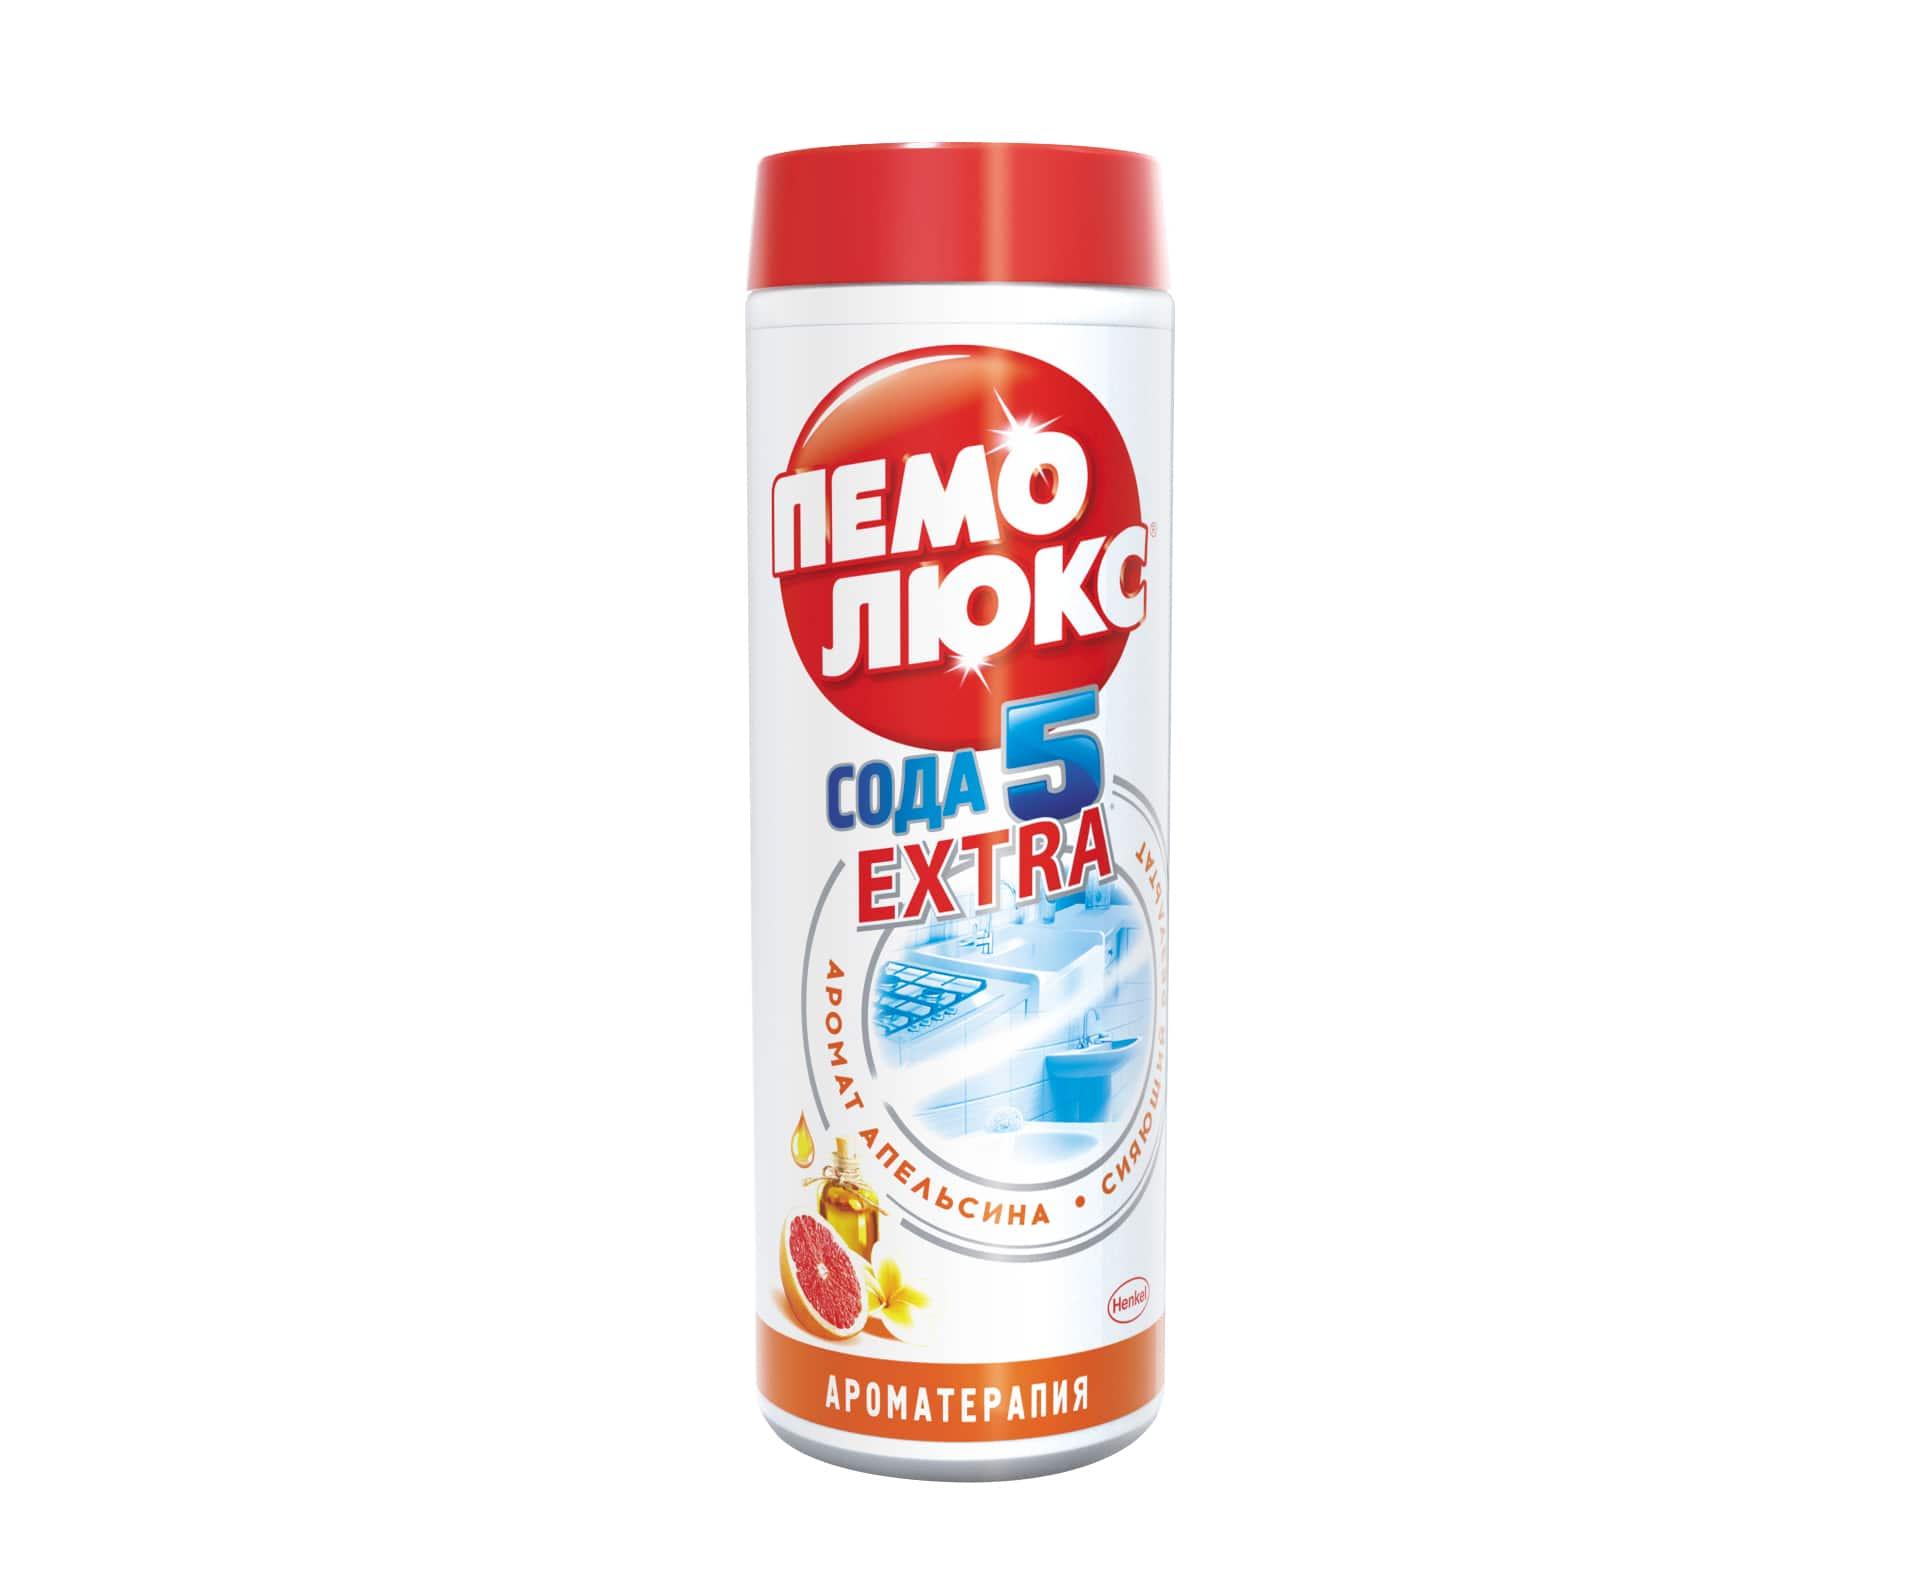 Универсальное чистящее средство Пемолюкс Аромат апельсина, 480 г935068Универсальное чистящее средство Пемолюкс Аромат апельсина обеспечивает 5 составляющих эффективной и безопасной уборки: - эффективность против жира и въевшейся грязи; - универсальное использование по всему дому; - бережное очищение разнообразных поверхностей; - безопасное средство без агрессивных химикатов; - аромат свежести и чистоты. Уникальная формула Пемолюкс с содой и мягким абразивом содержит эфирное масло апельсина, издавна используемое в ароматерапии. Яркий аромат апельсинового масла обладает тонизирующими свойствами, помогает улучшить настроение и эмоциональное состояние. Апельсиновое масло прекрасно устраняет неприятные запахи в доме. Средство не содержит вредных химикатов и подходит для чистки керамических, эмалированных, металлических и других твердых поверхностей на кухне, в ванной и в прочих помещениях. Не содержит хлор. Товар сертифицирован.